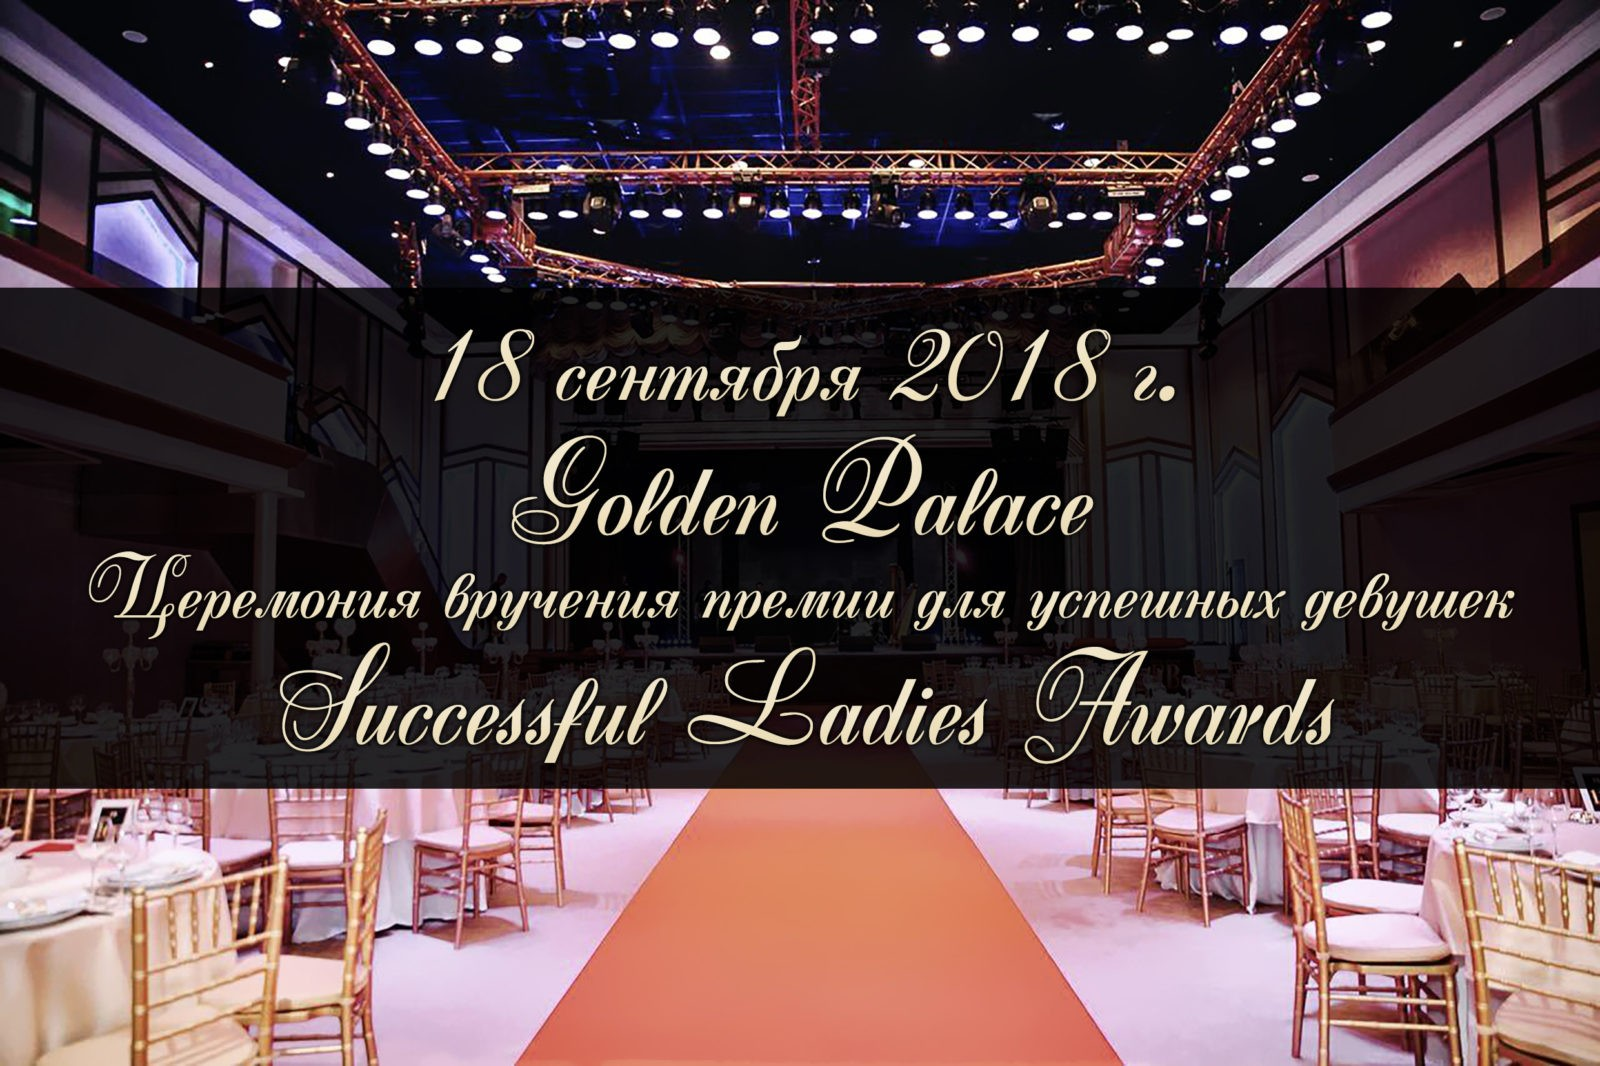 Успешных женщин наградят: в Москве пройдет церемония вручения премии Successful Ladies Awards